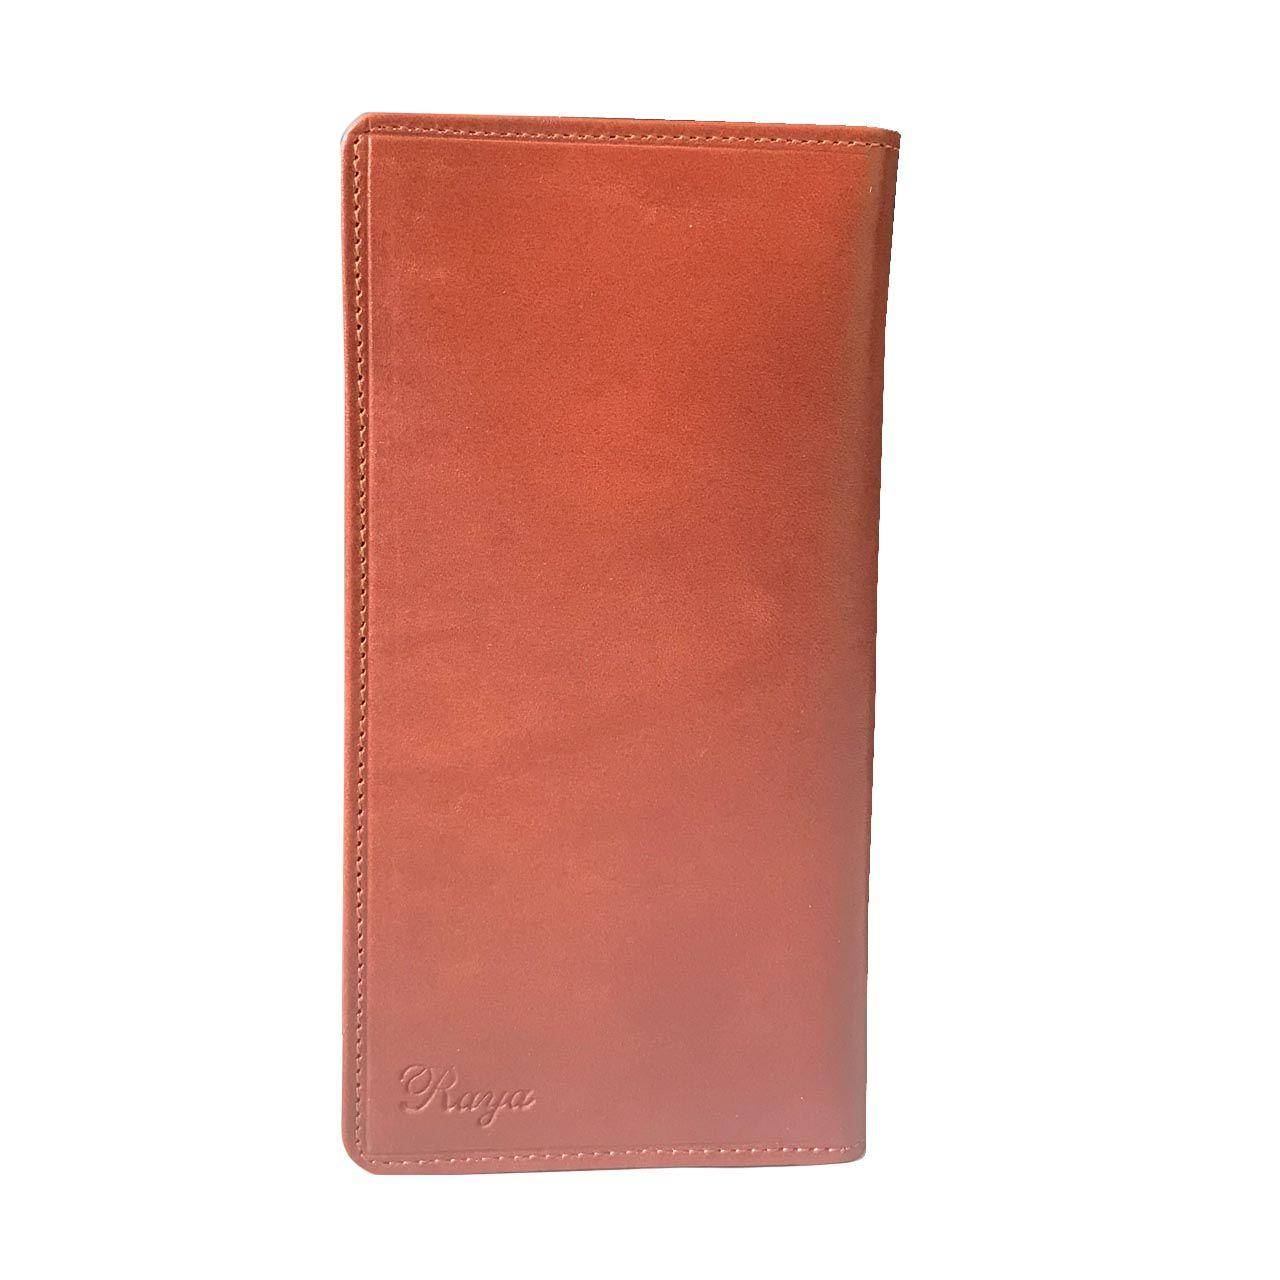 کیف پول رایا مدل Smooth -  - 1